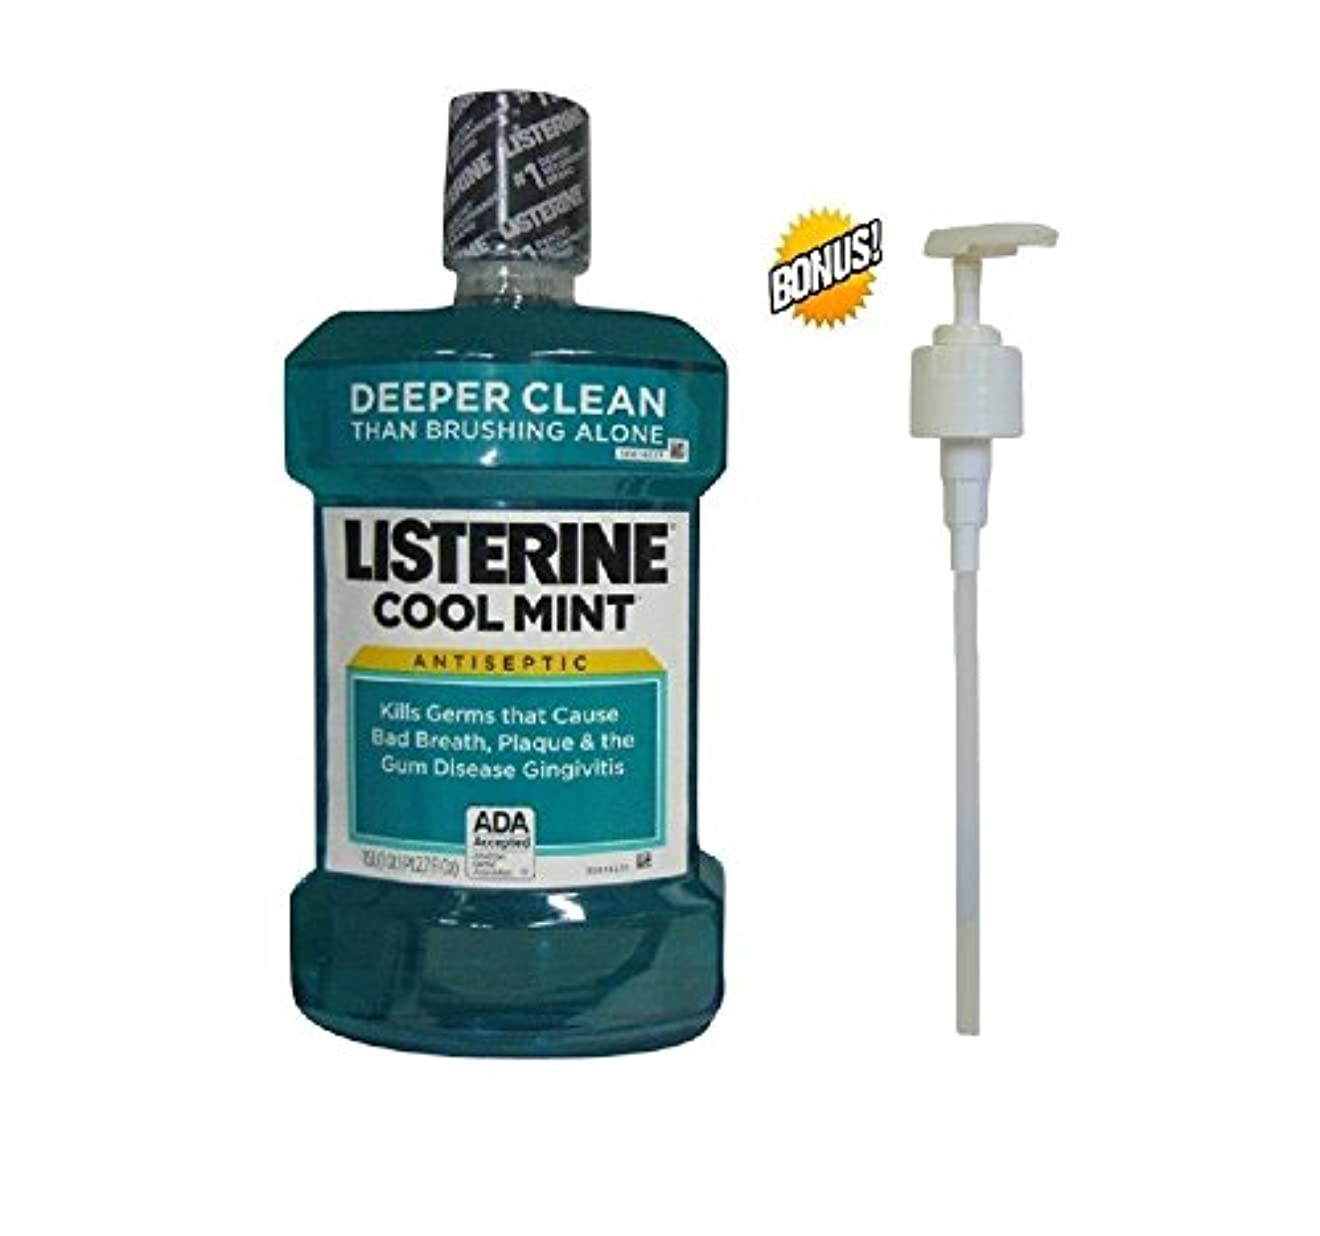 甘い関係拍手Cool Mint Listerine Antiseptic Mouthwash - PLUS Special Designed PUMP for the Listerine by Listerine